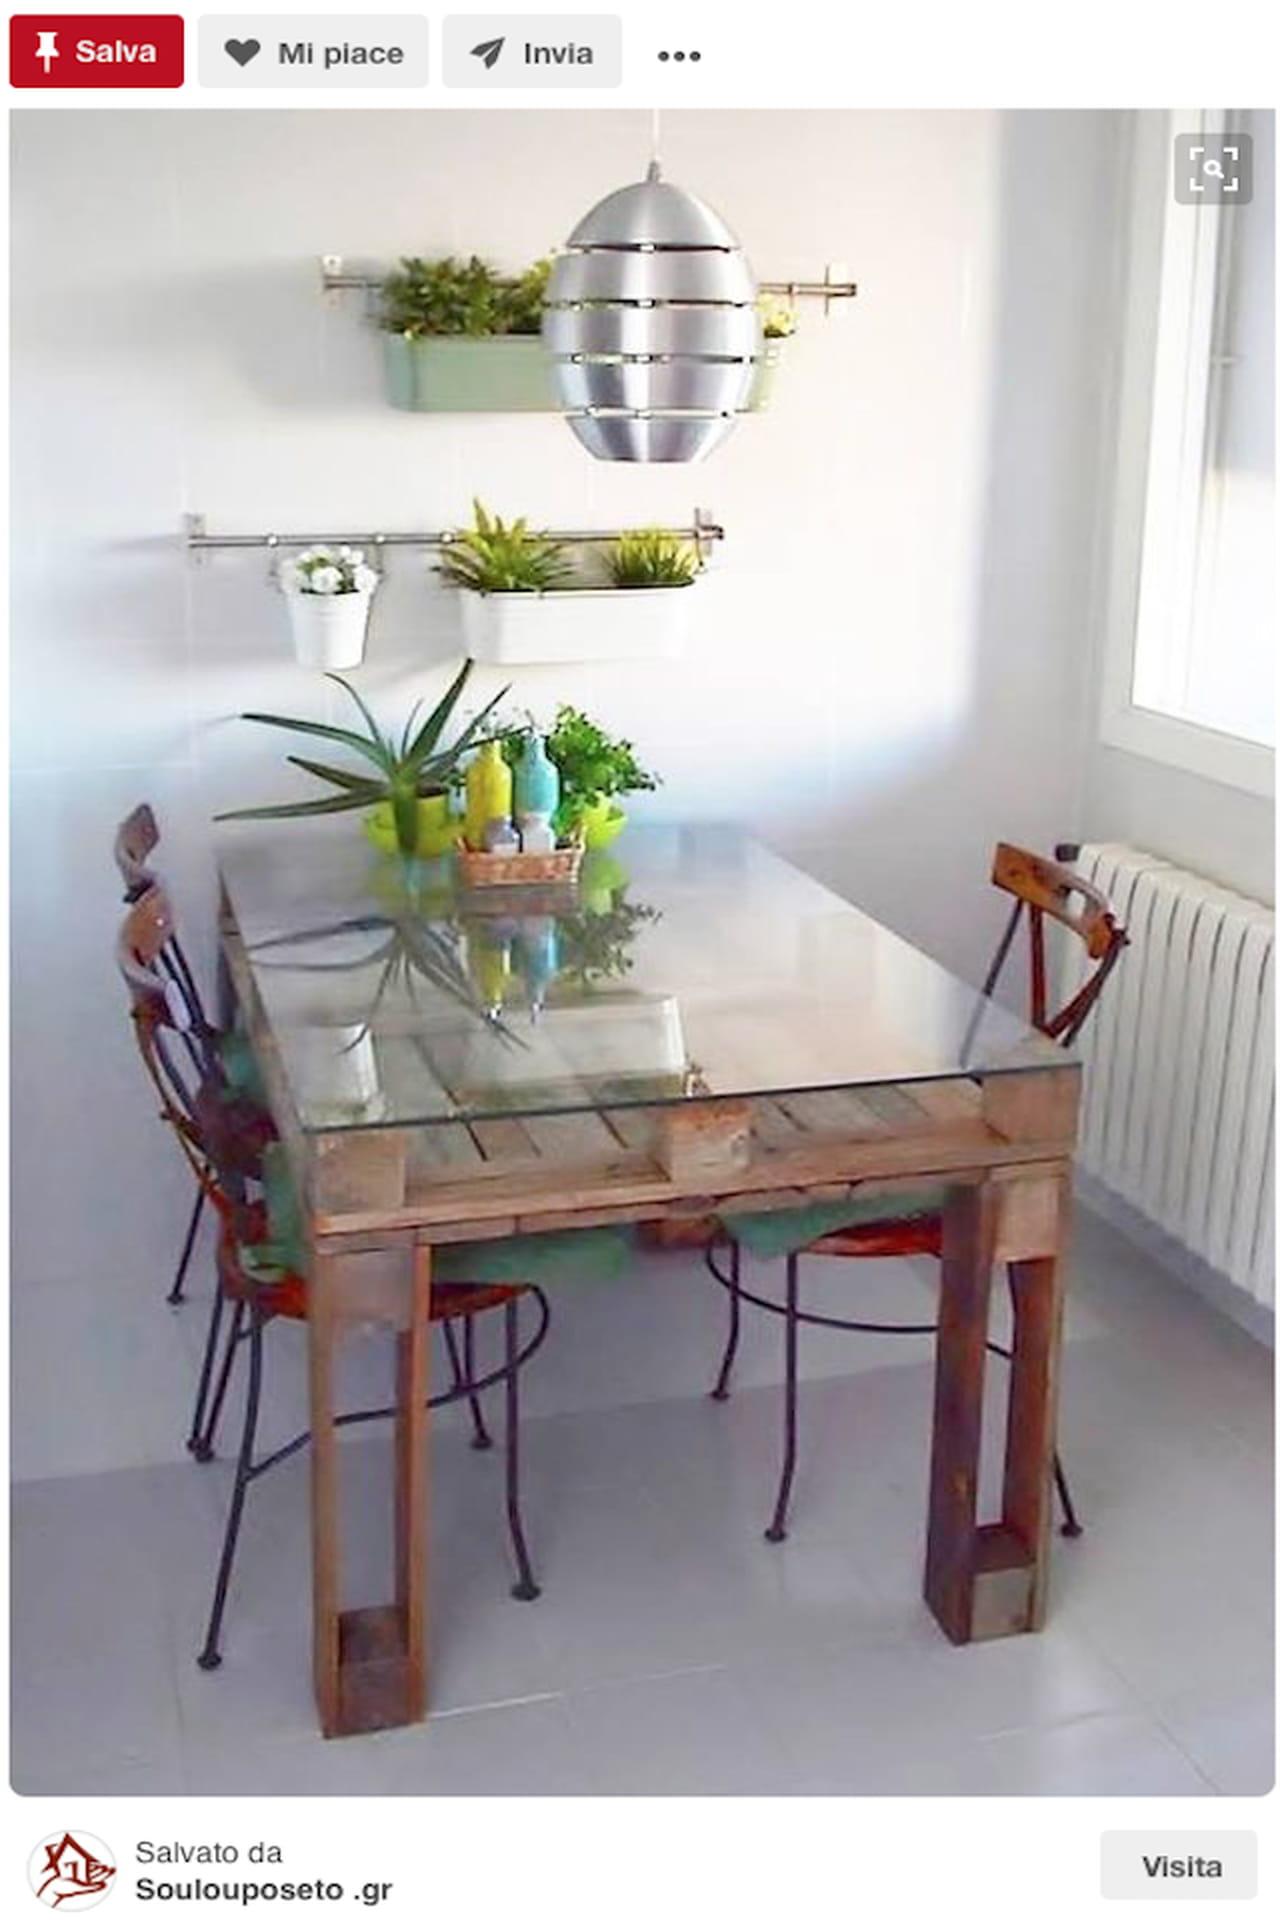 Il Tavolo Da Pranzo è Una Dei Mobili Più Belli Da Creare Con Il  #683E38 1280 1920 I Migliori Piatti Della Cucina Toscana